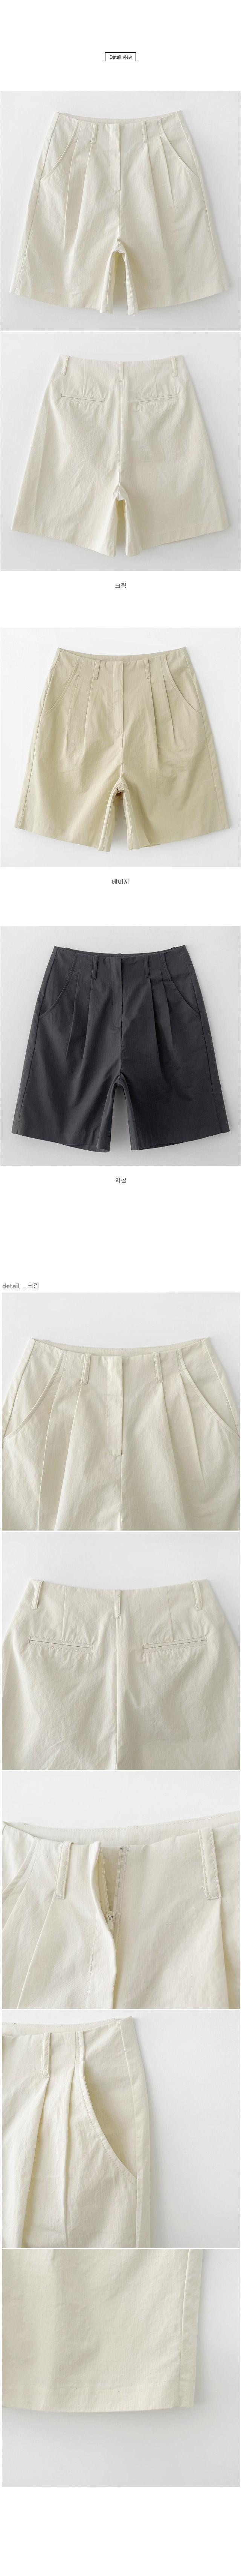 Next Pintuck Cotton Half Pants